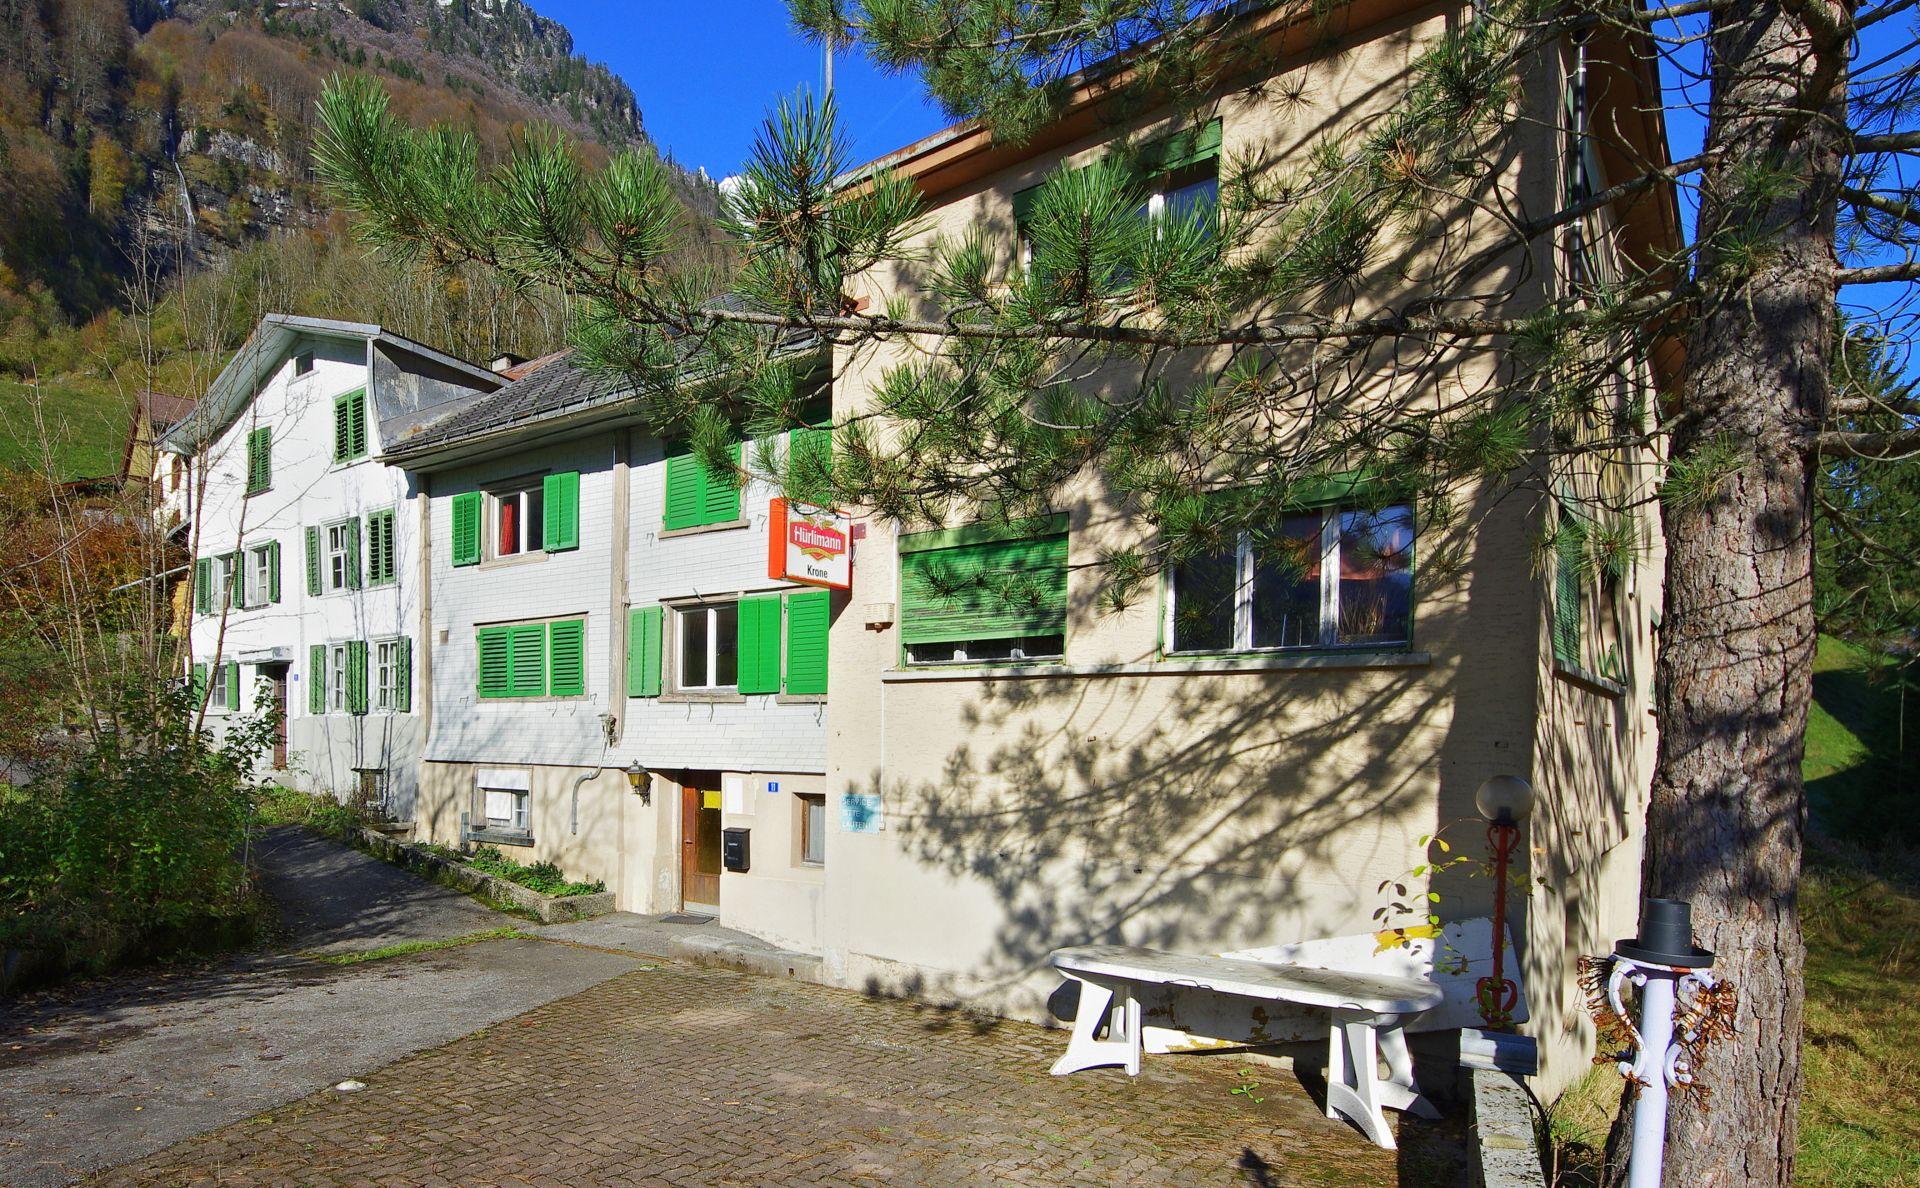 Miete: Wohnhaus direkt beim Bahnhof